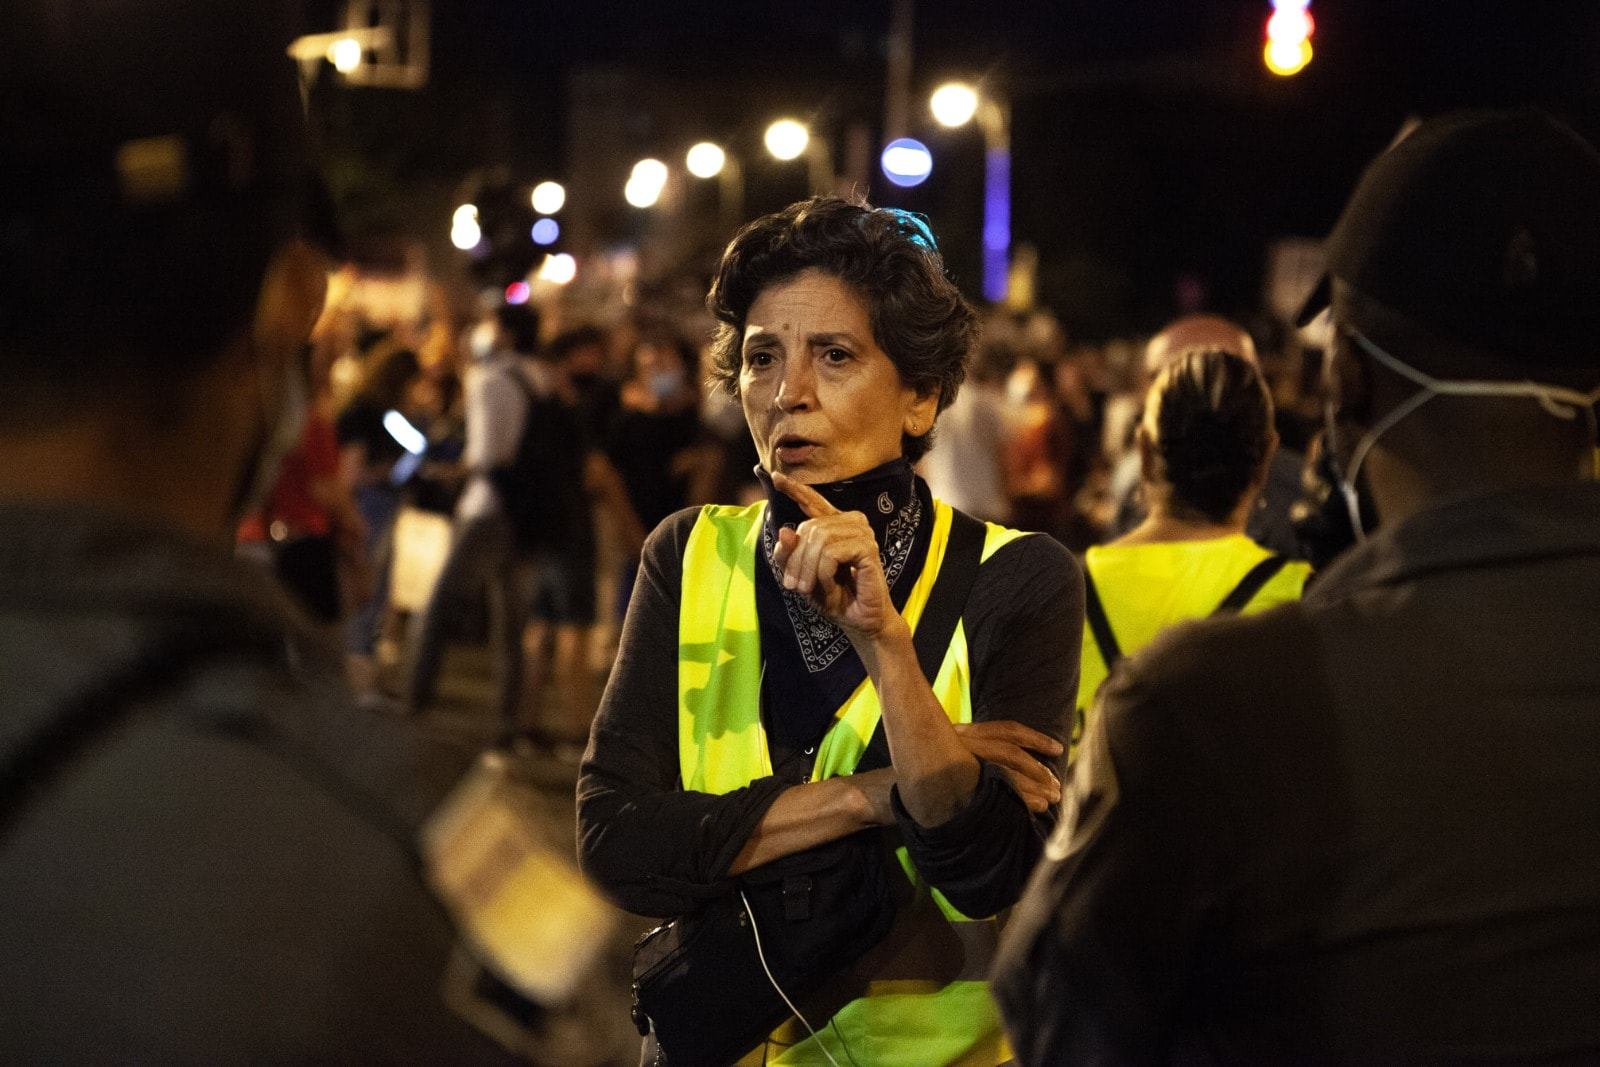 קטי בר מפגינה מול בית ראש הממשלה, אוגוסט 2020 (צילום: אסף כפרי)